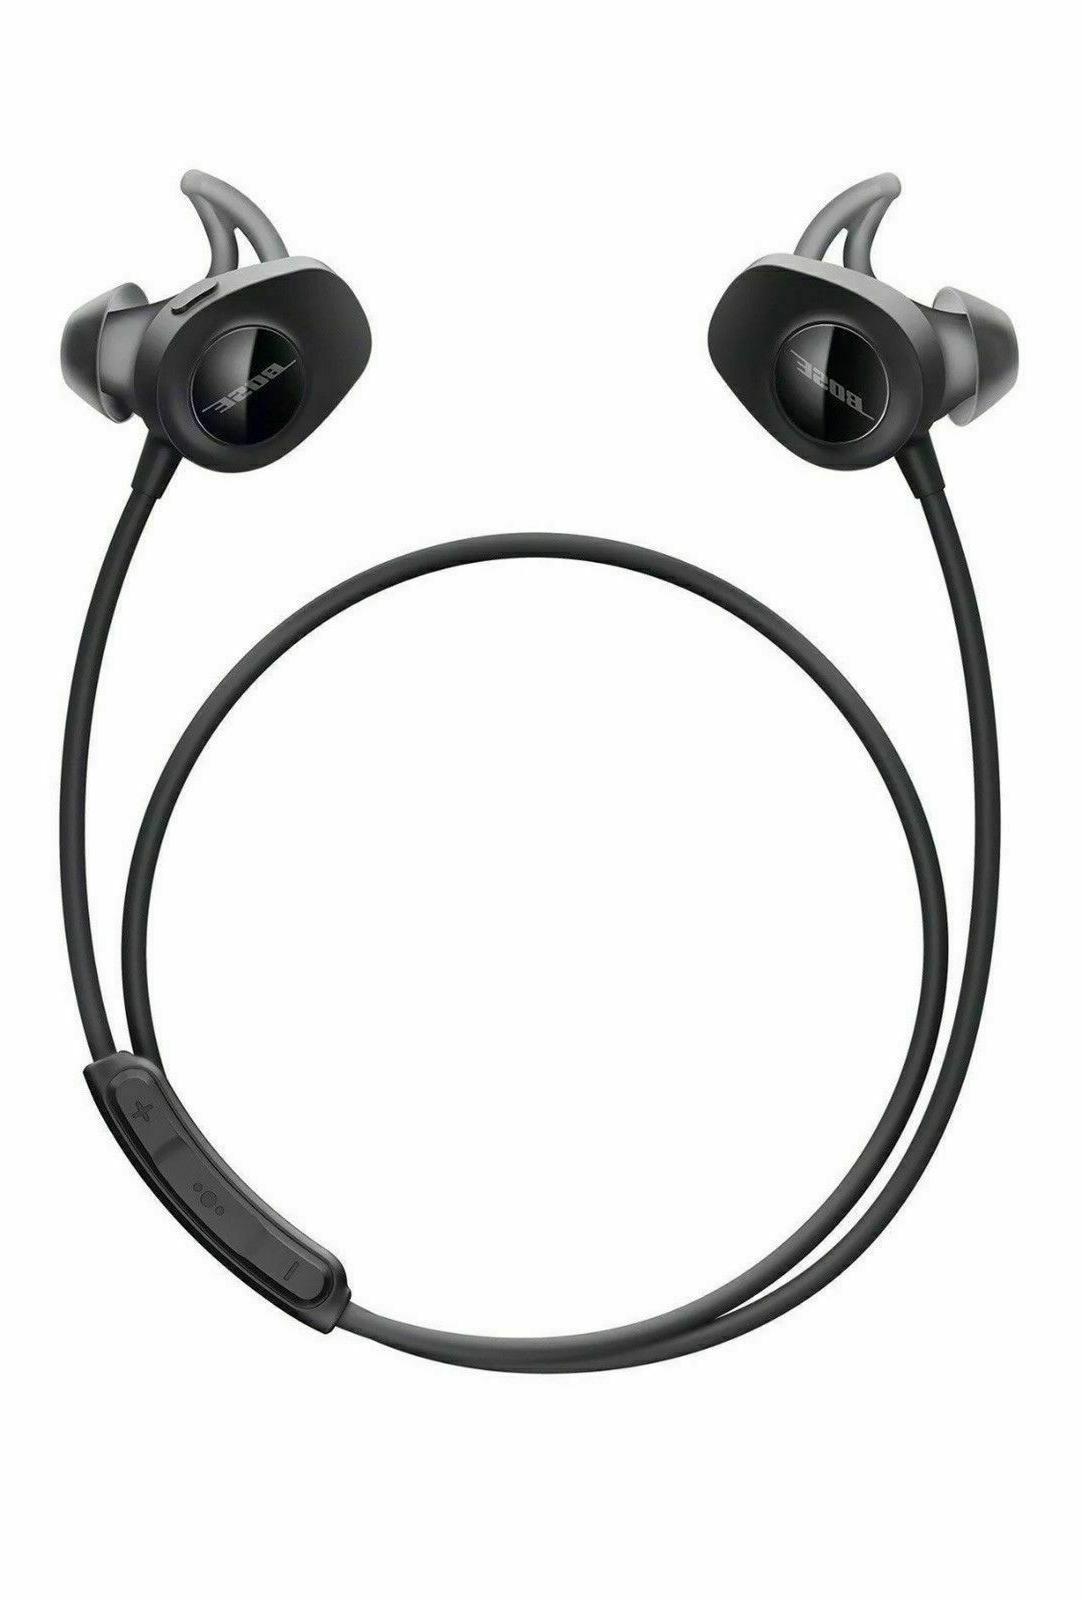 BOSE SoundSport Earphones Headphones New